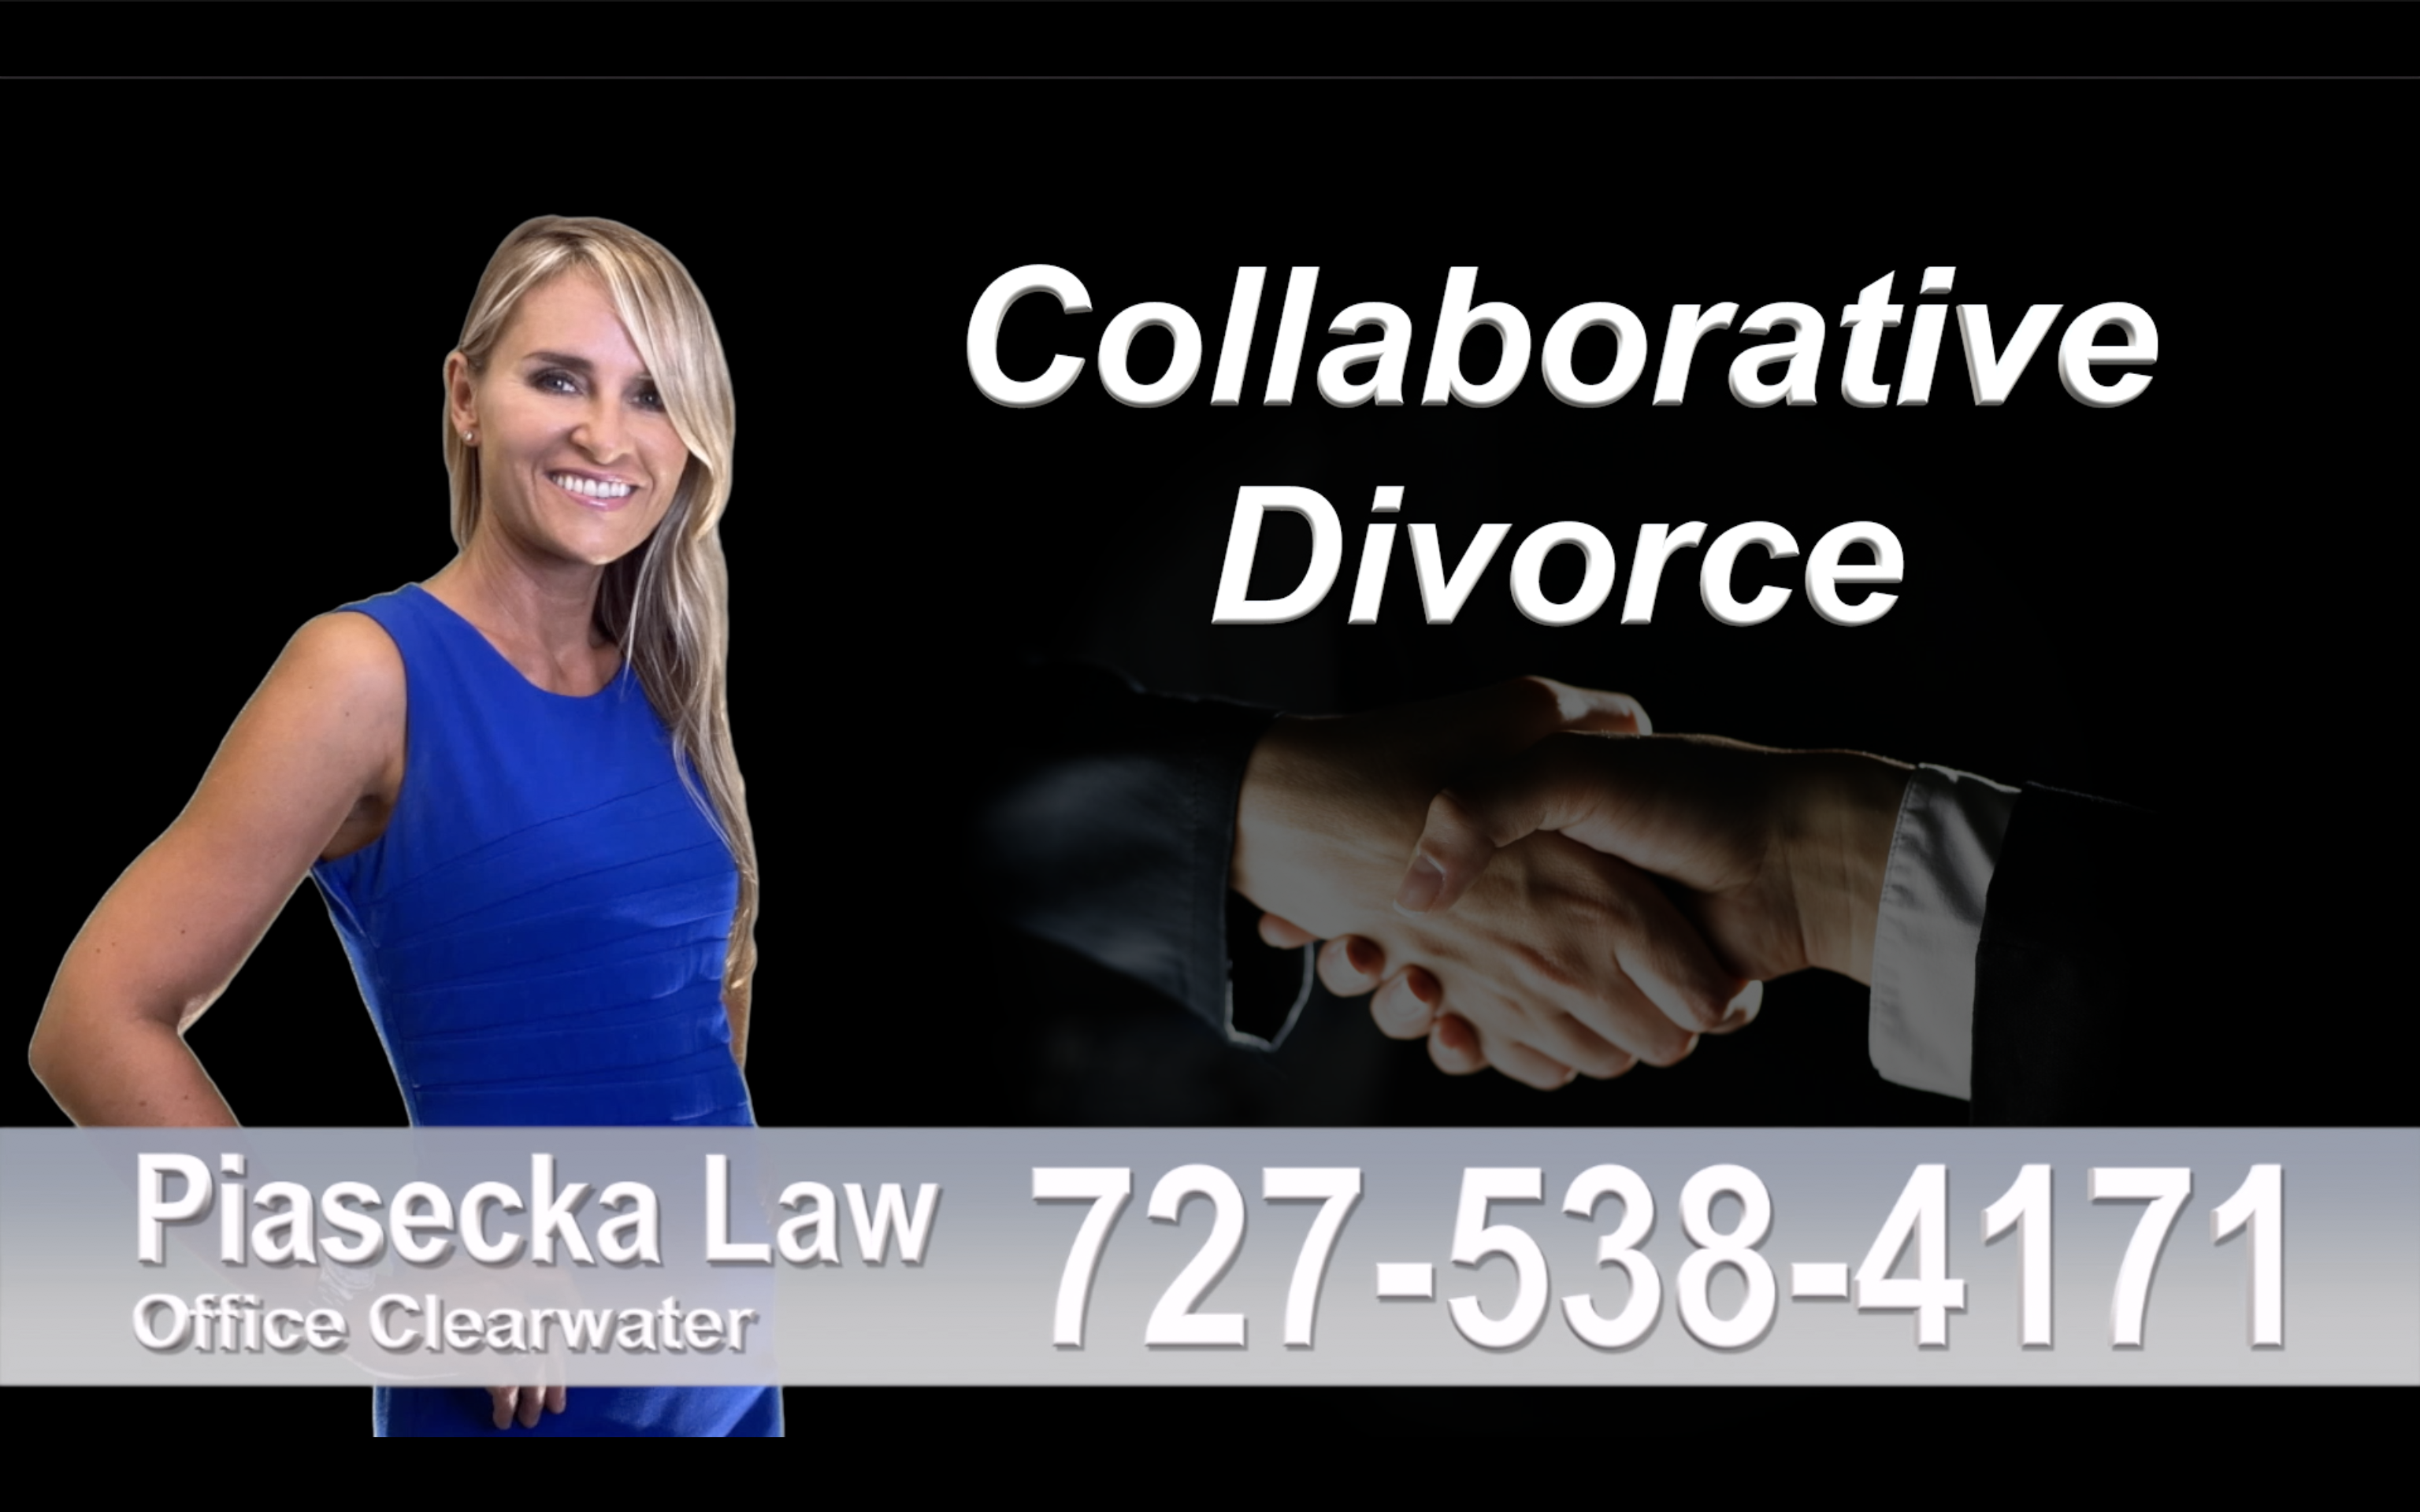 Brandon Collaborative, Divorce, Attorney, Agnieszka, Piasecka, Prawnik, Rozwodowy, Rozwód, Adwokat, rozwodowy, Najlepszy, Best, Collaborative, Divorce, Attorneys